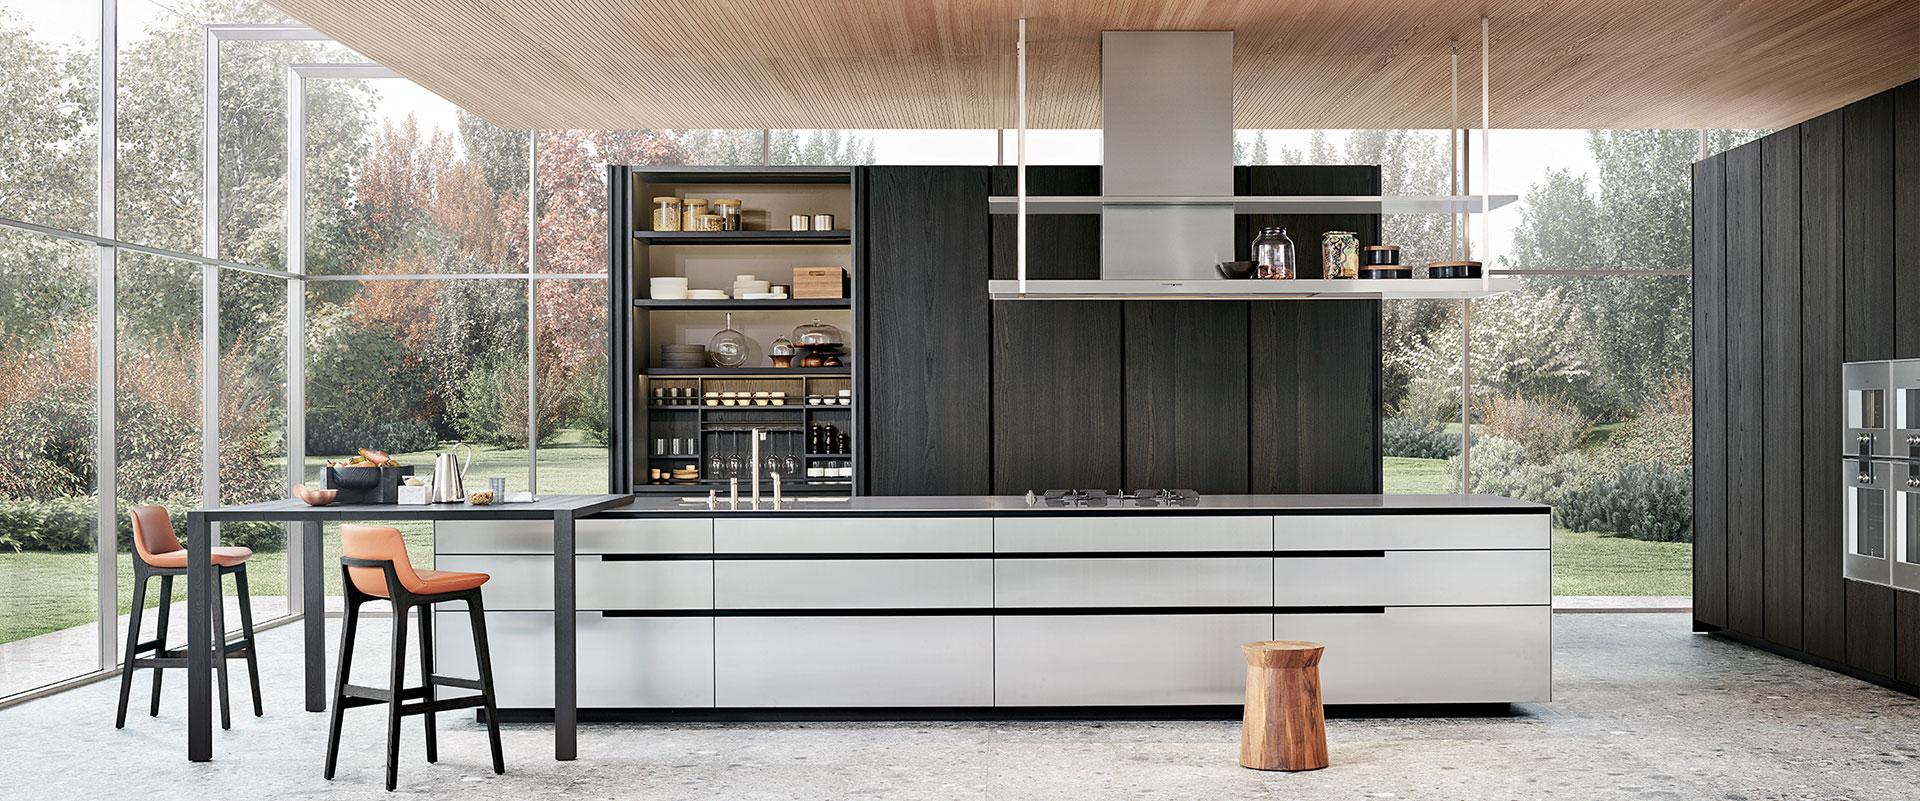 Küchenstudio, moderne Küchen Konstanz, Heroshot